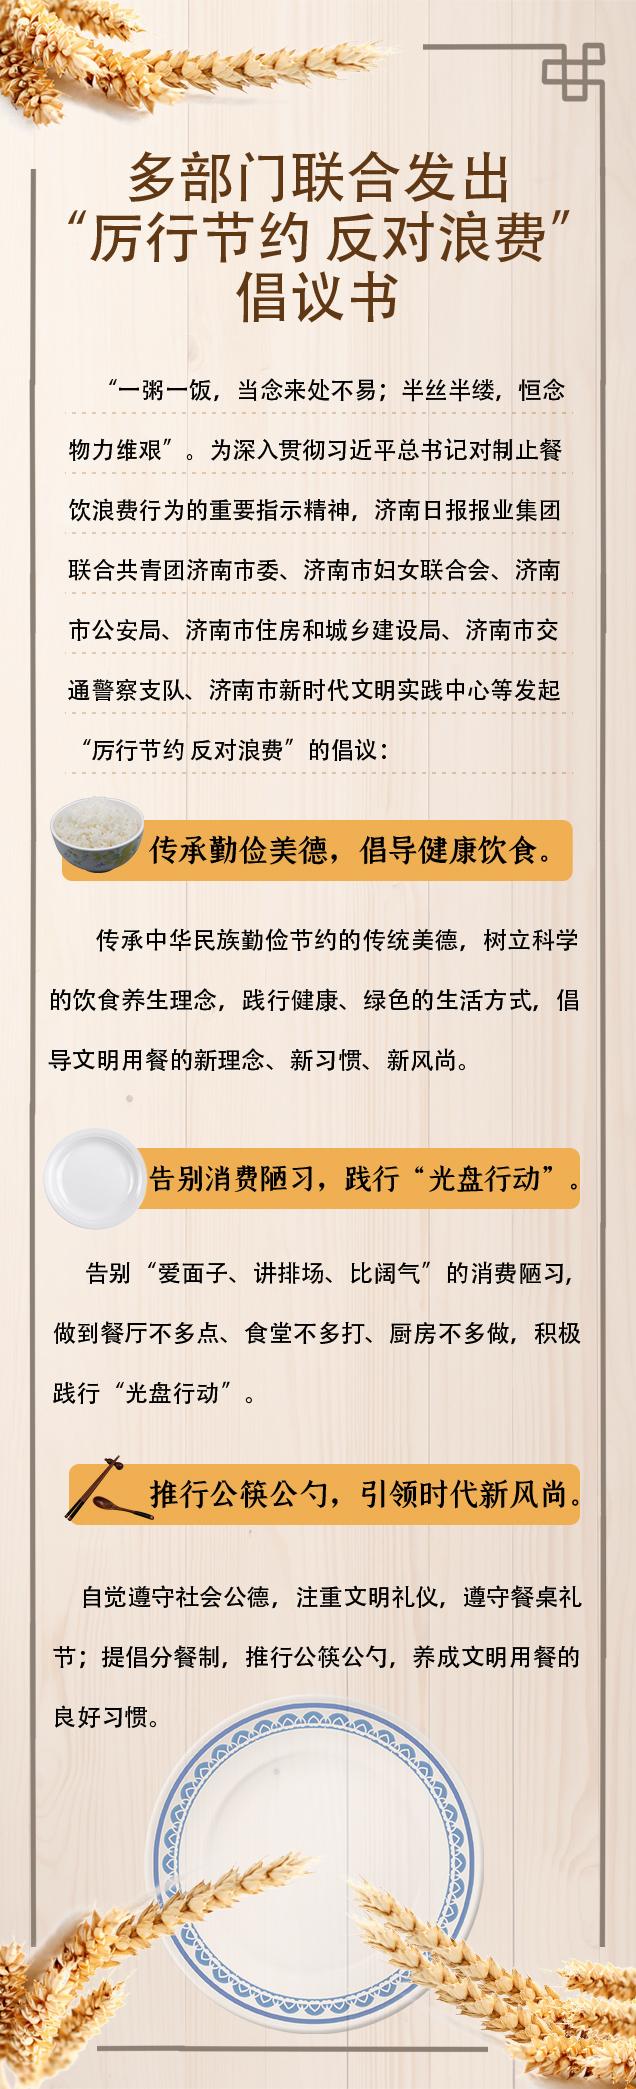 """海报合集丨济南多部门联合发出""""厉行节约 反对浪费""""倡议书"""